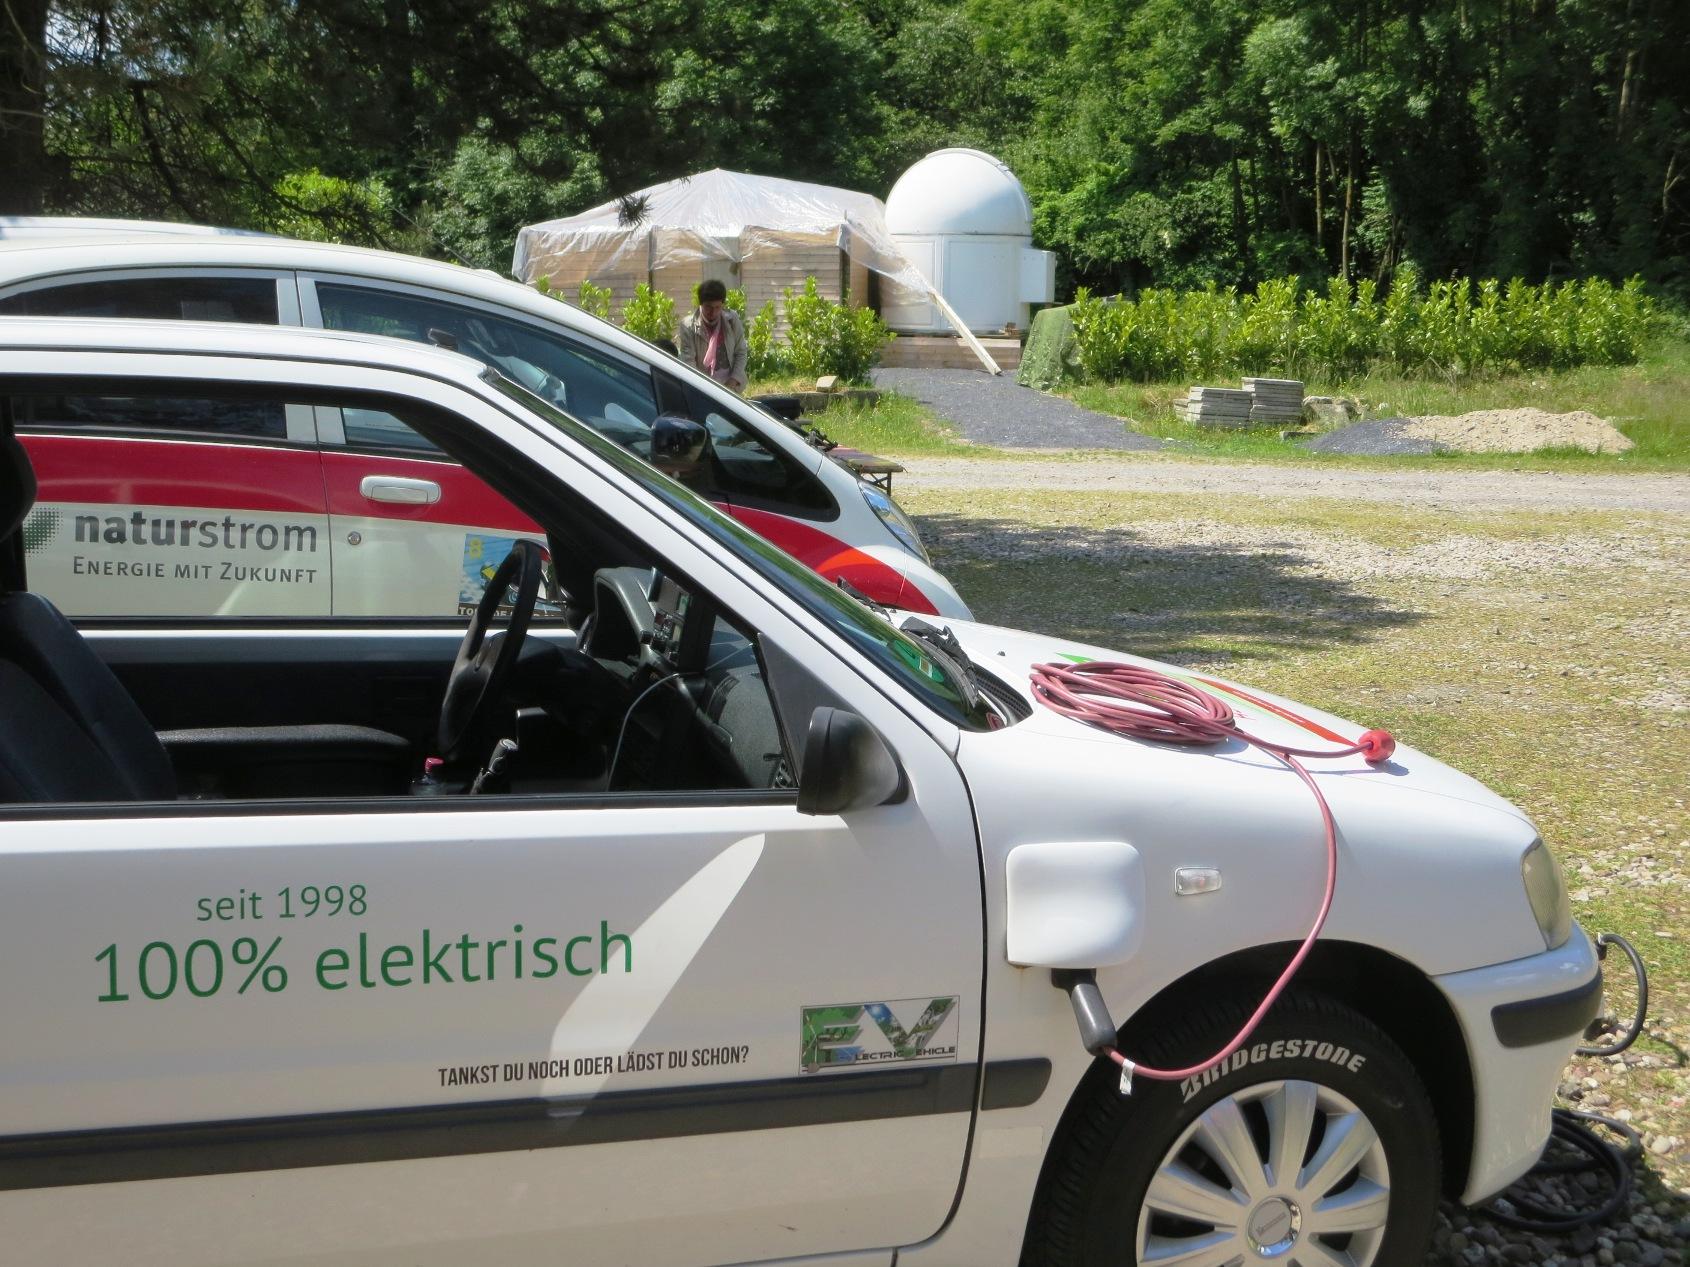 Elektroautos vor dem Observatorium in Altenberge. Astronomie und Elektromobilität sollen hier erlebbar werden.